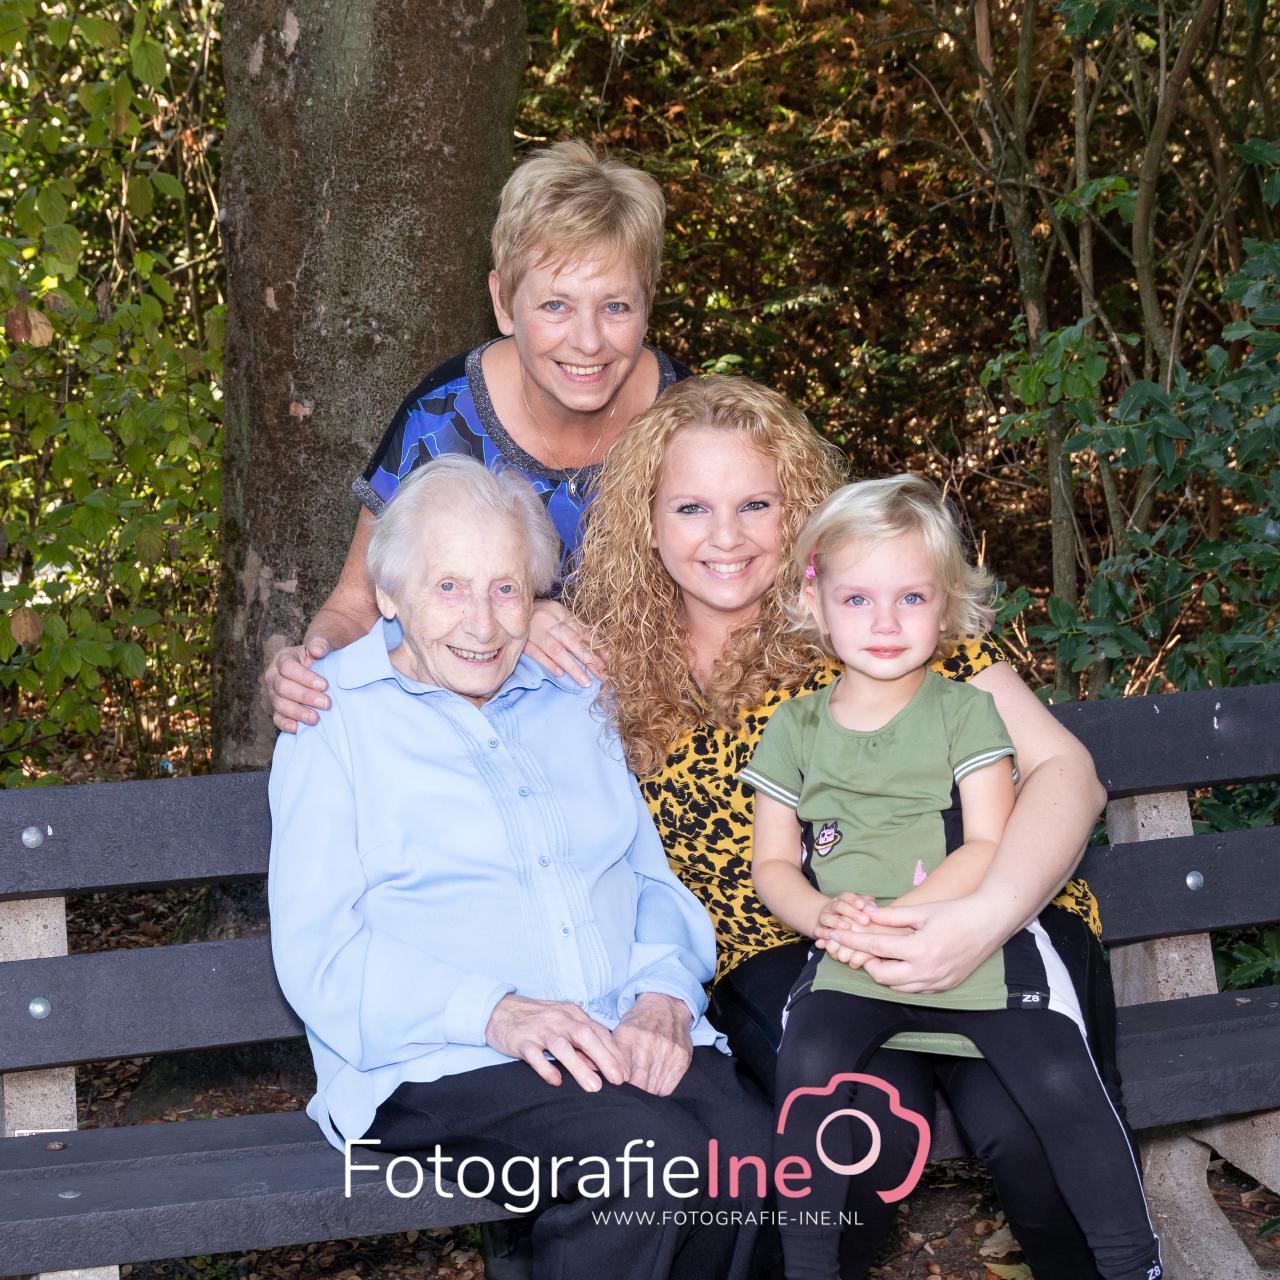 Fotografie Ine 4 generatie fotoshoot Boekel 233A0302